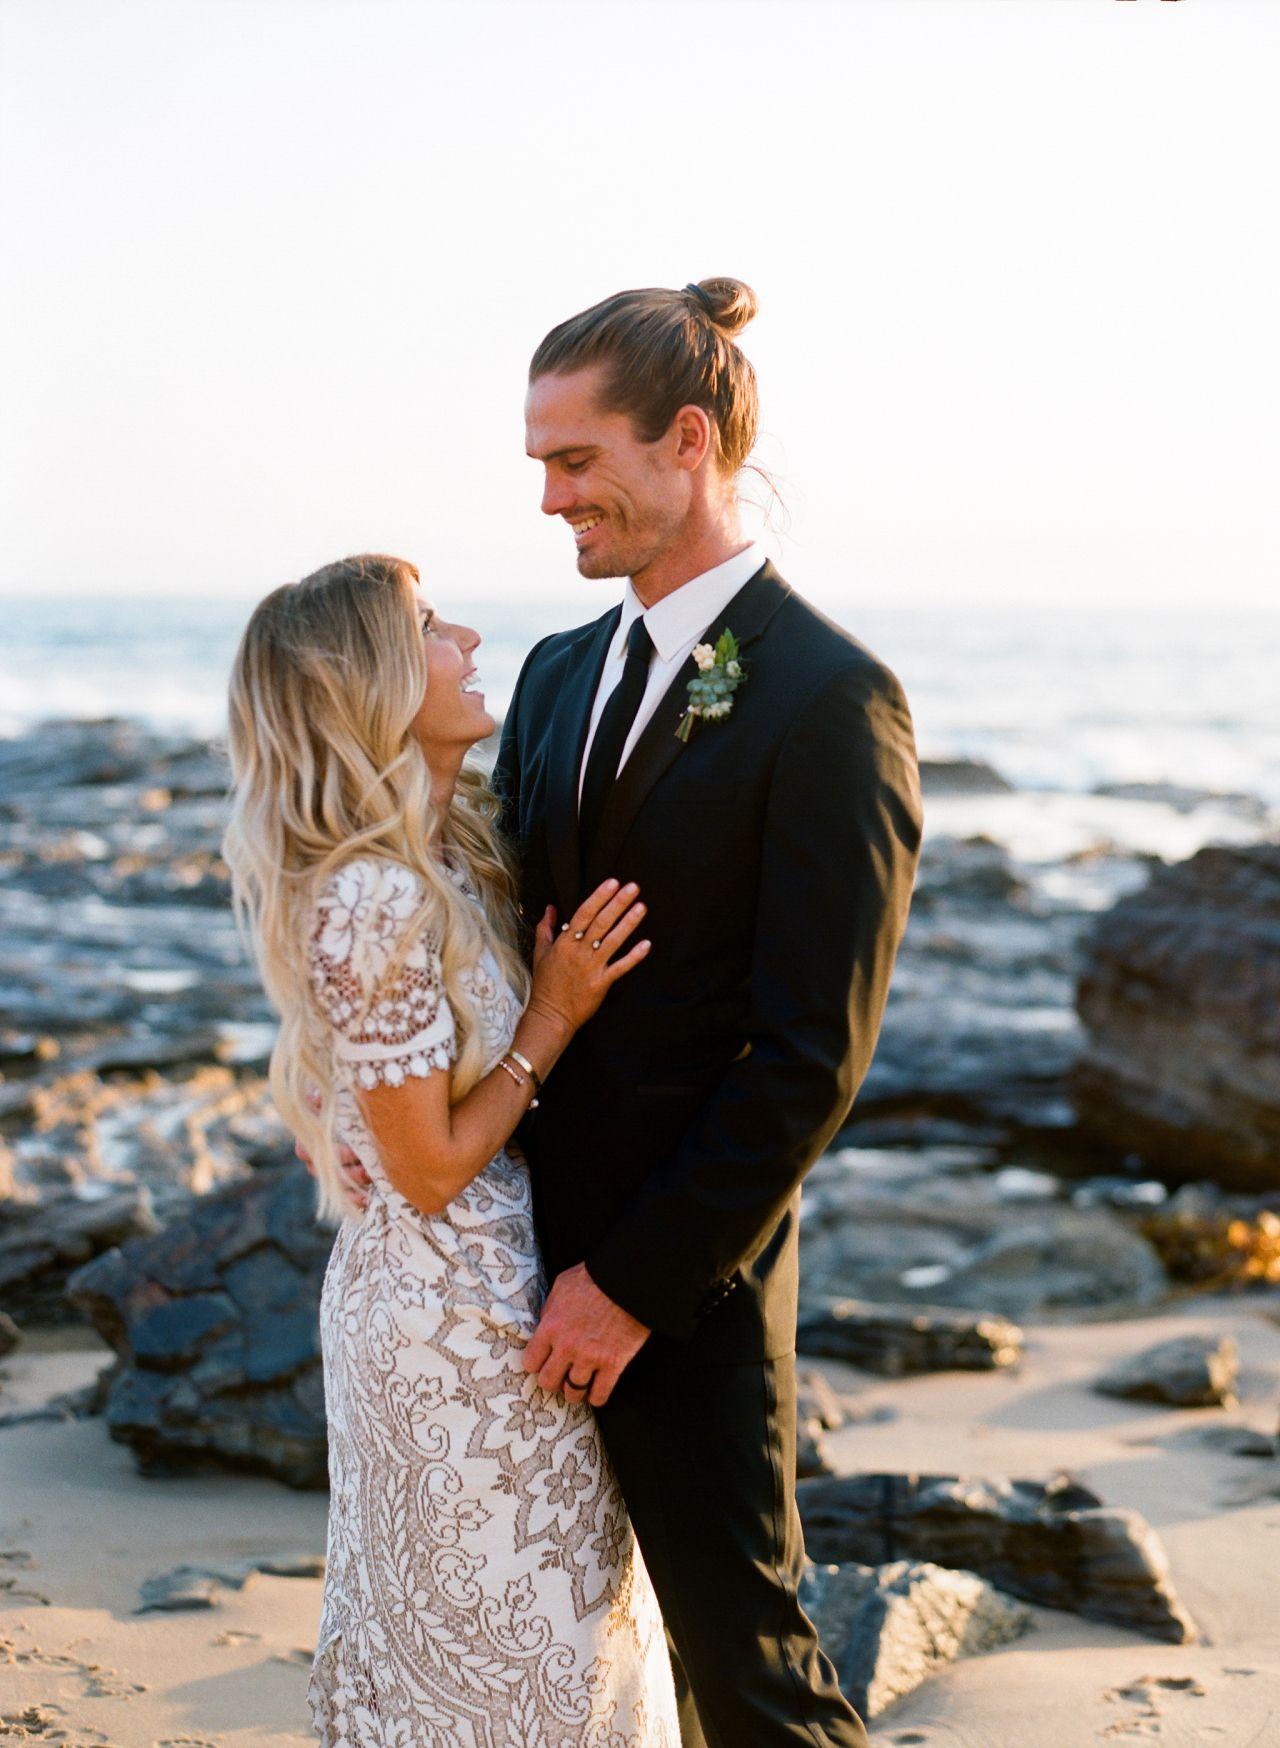 Modest wedding dress lunchpails u lipstick beach wedding newport